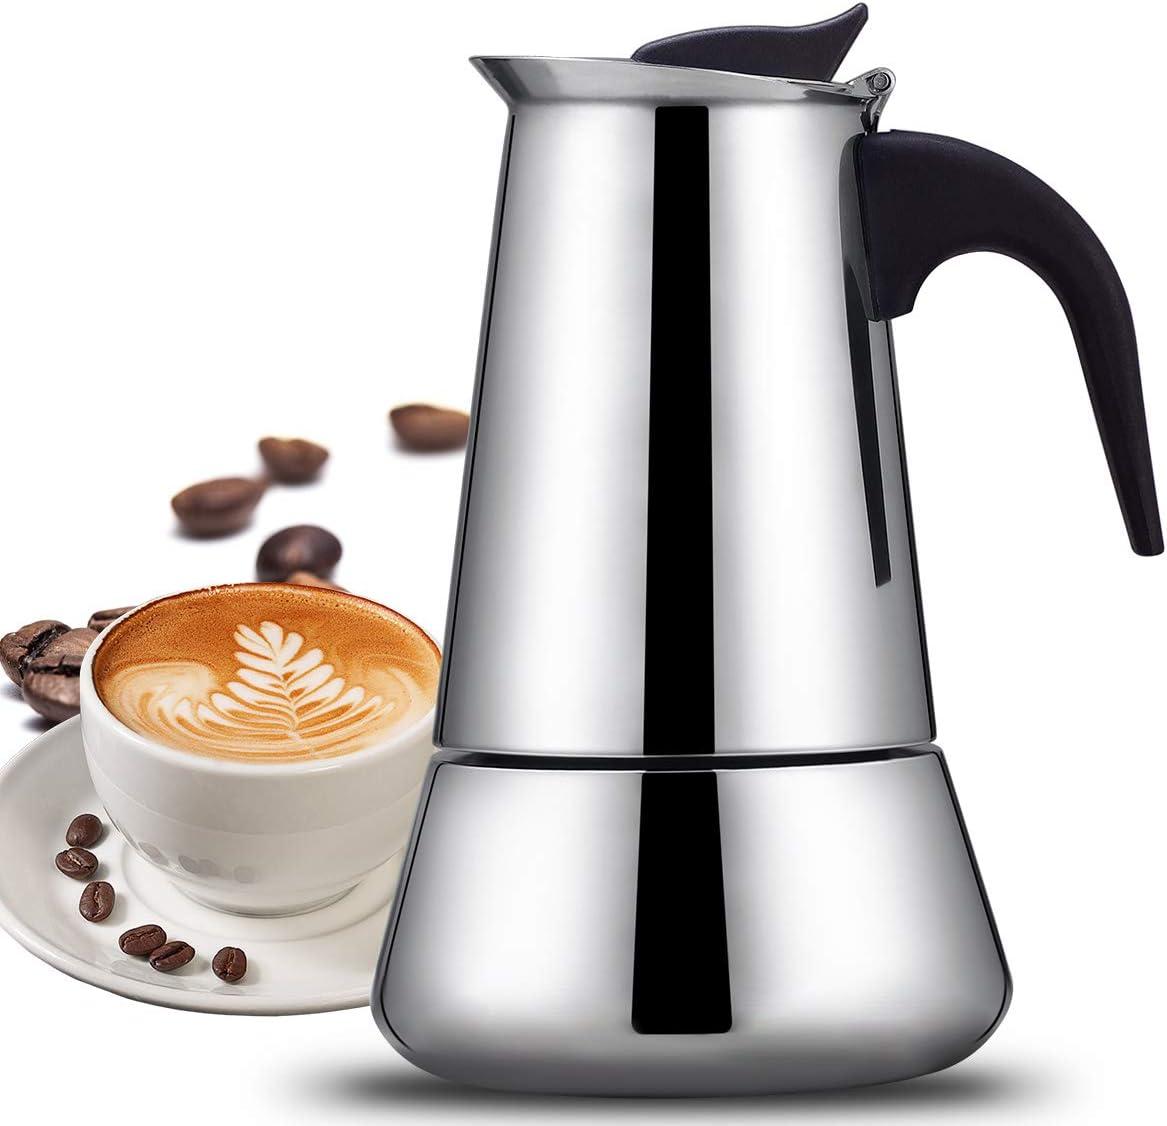 Cafetera exprés, cafetera SUDESMO, cafetera Moka, cafetera cafetera, 300 ml/6 tazas, cafetera Moka de acero inoxidable, adecuada para la mayoría de cocinas, mango con aislamiento térmico: Amazon.es: Hogar